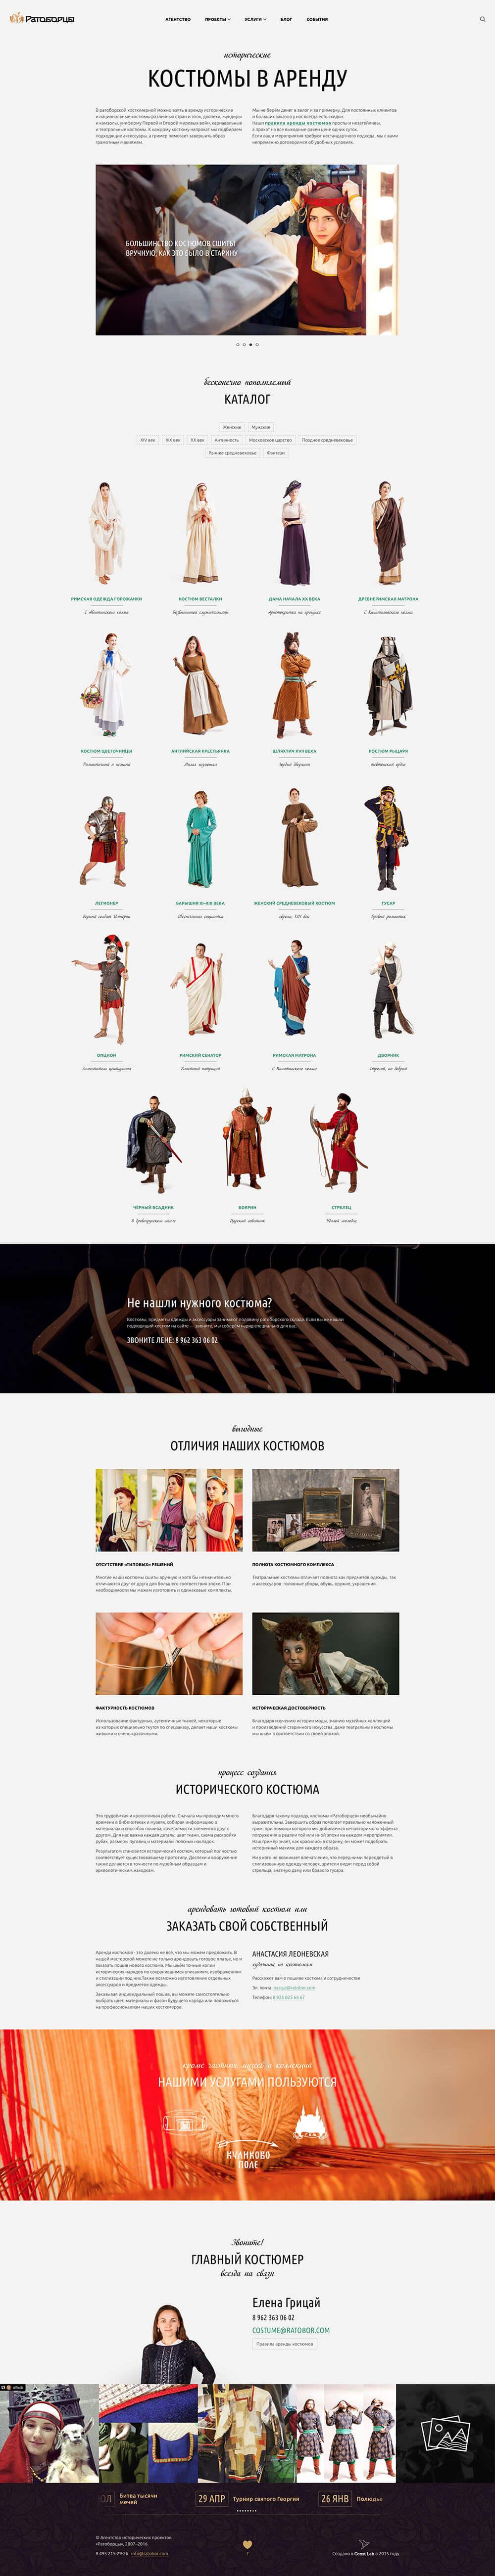 Ратоборцы — аренда костюмов